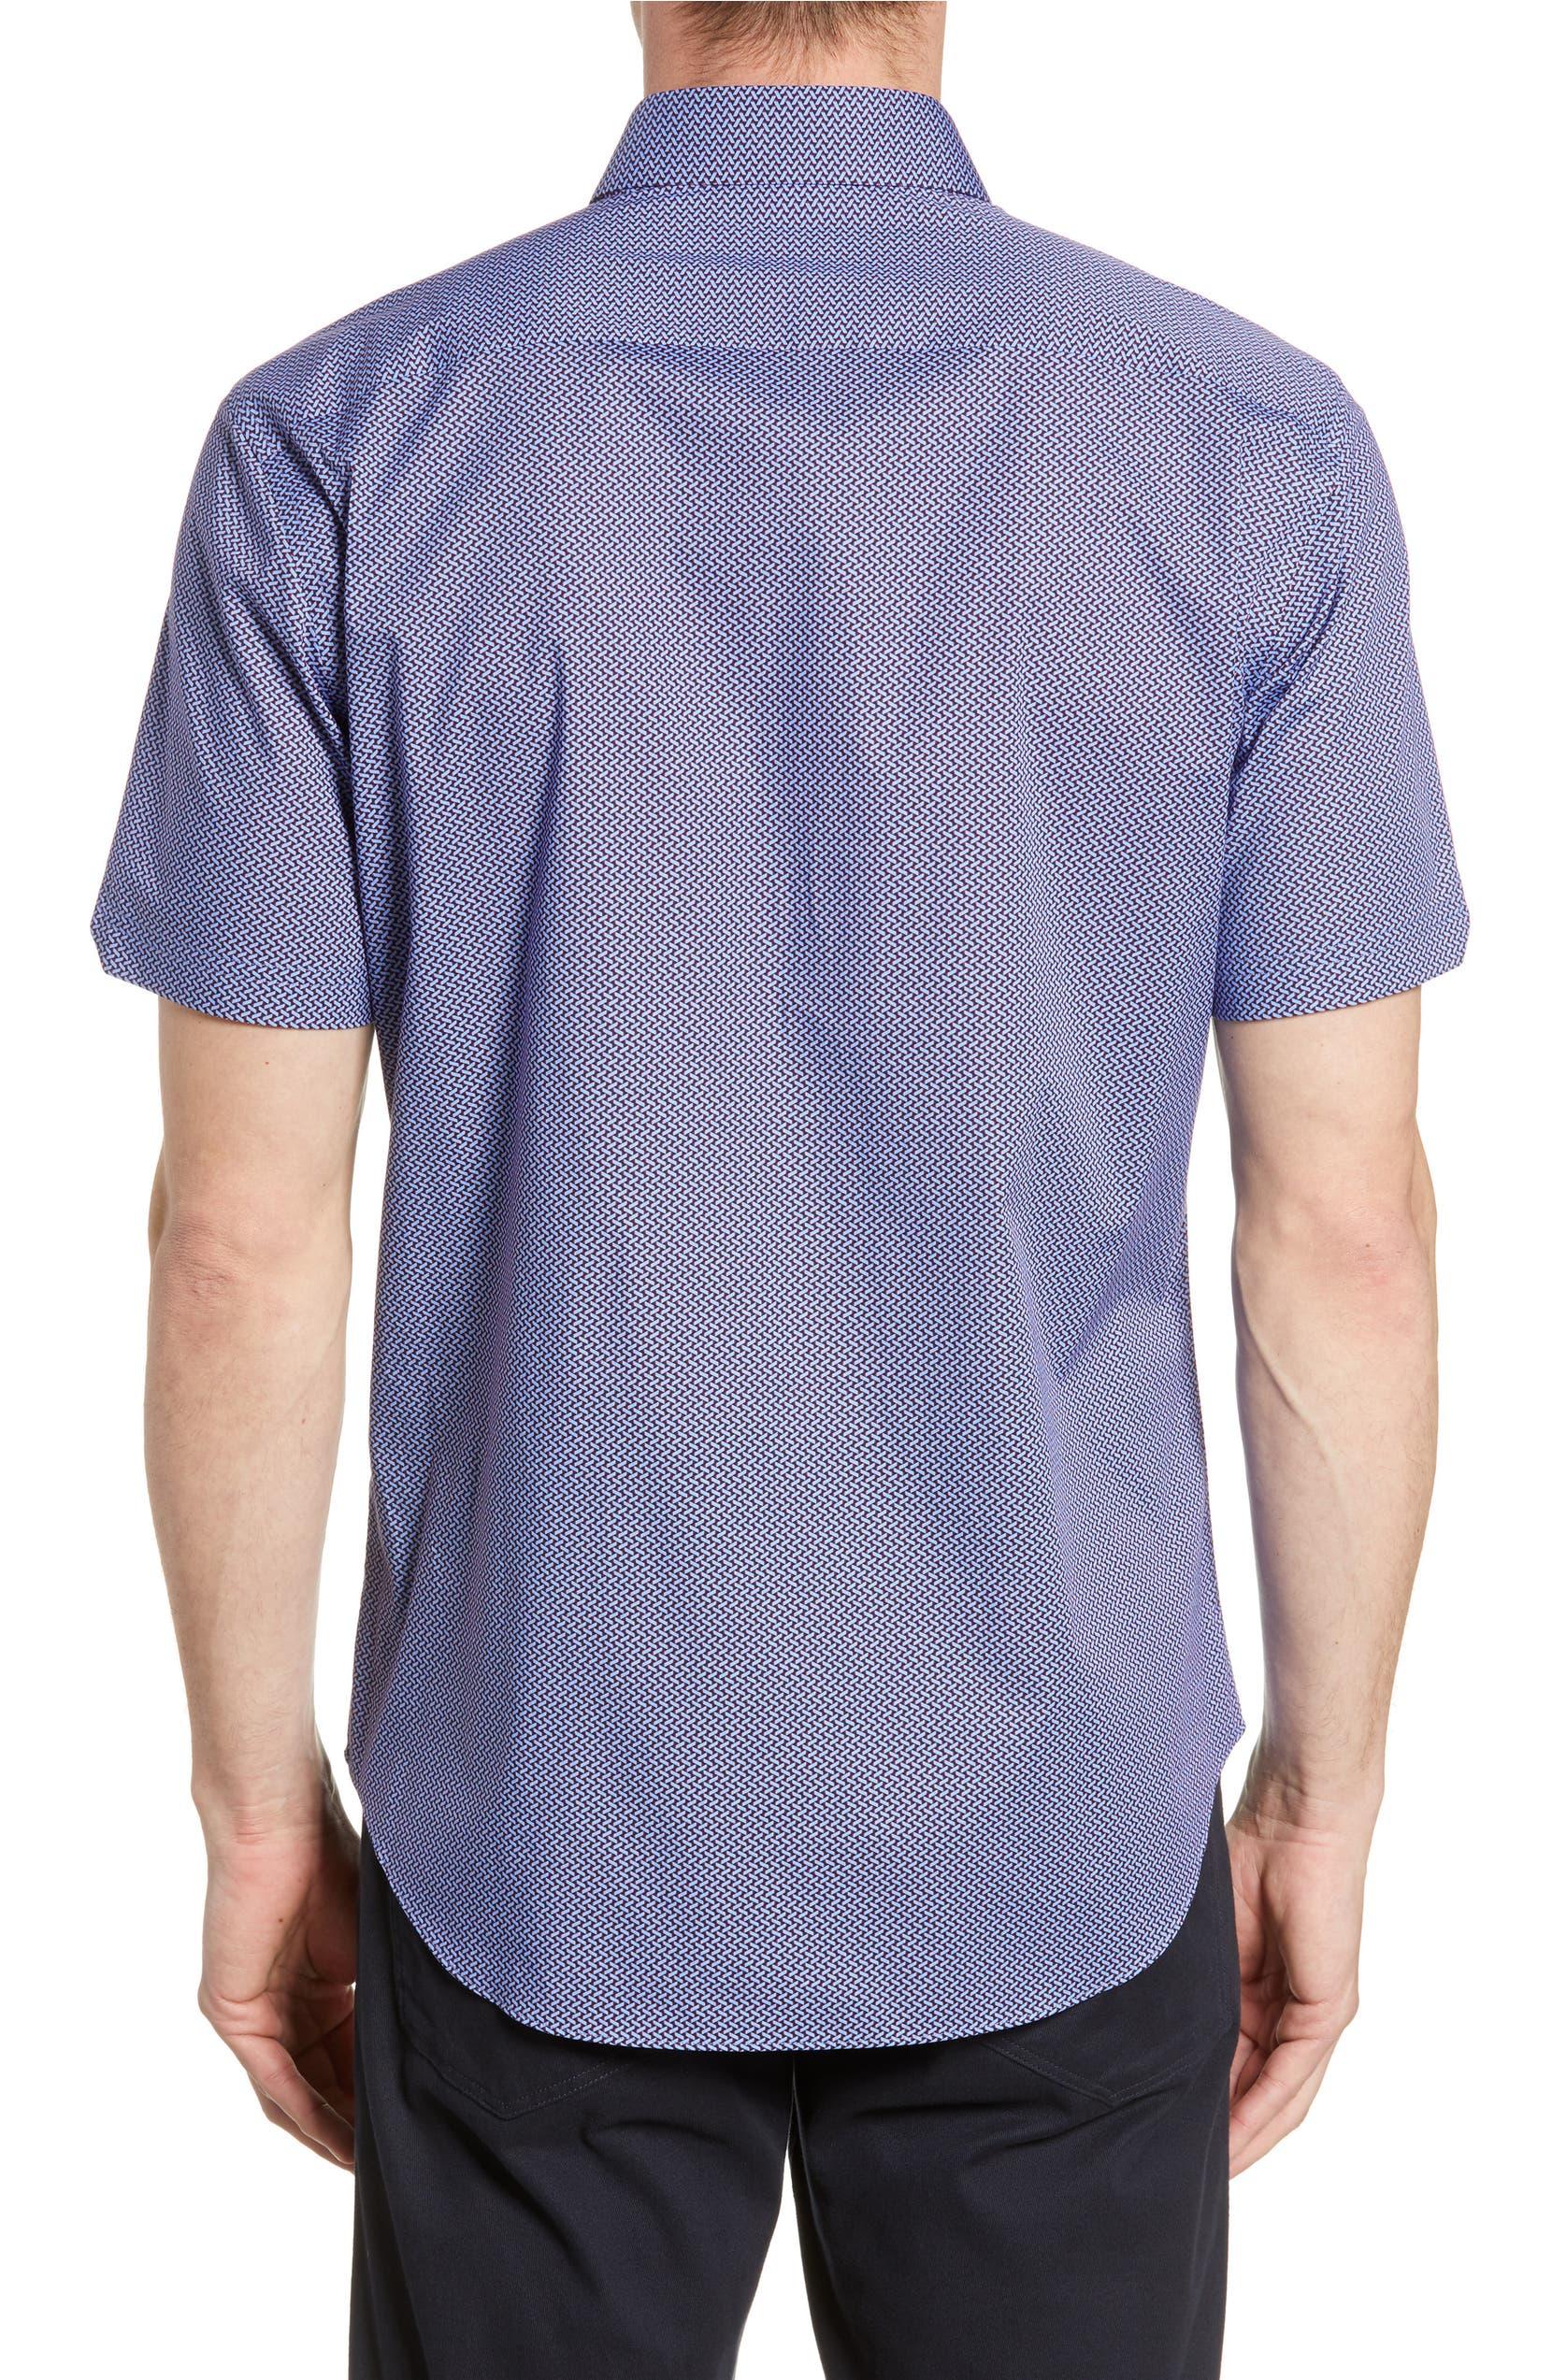 227da6ac330 Zachary Prell Jackson Regular Fit Short Sleeve Button-Up Sport Shirt ...